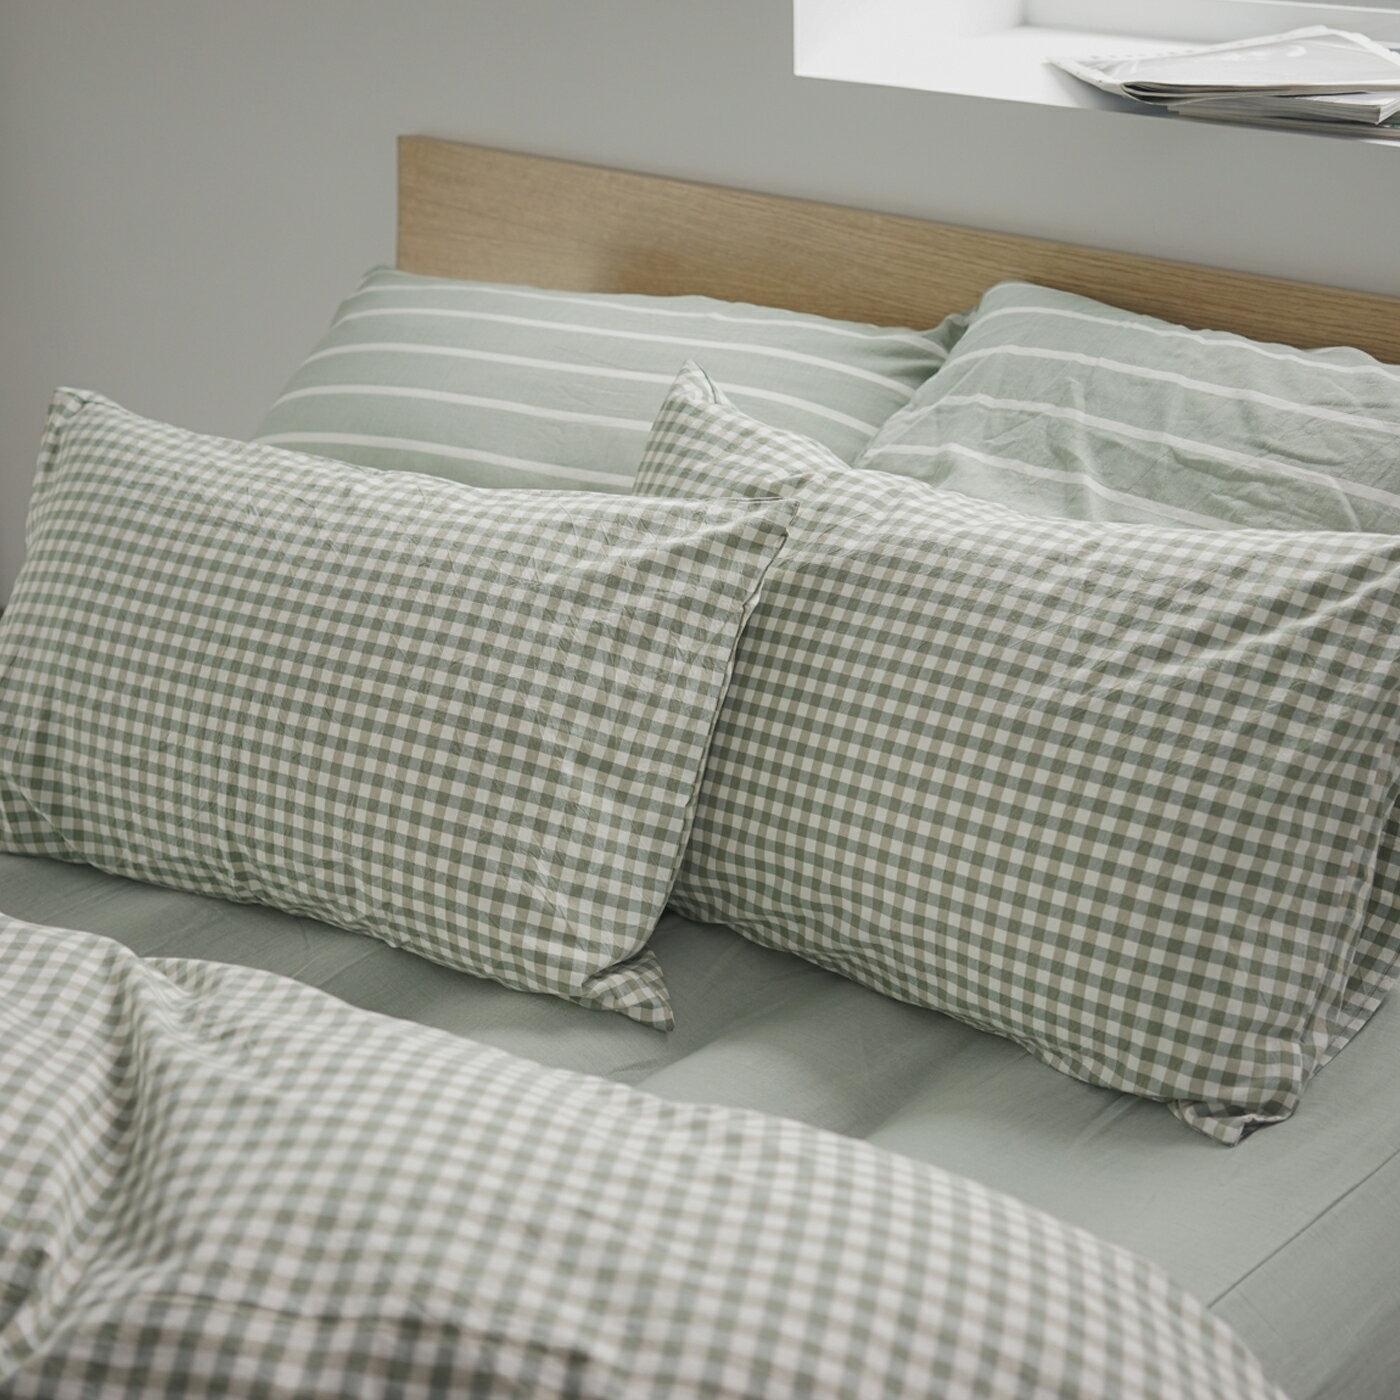 枕套-2入 [水洗棉-細格綠] 新疆棉寢織品;自然無印;簡約設計;翔仔居家